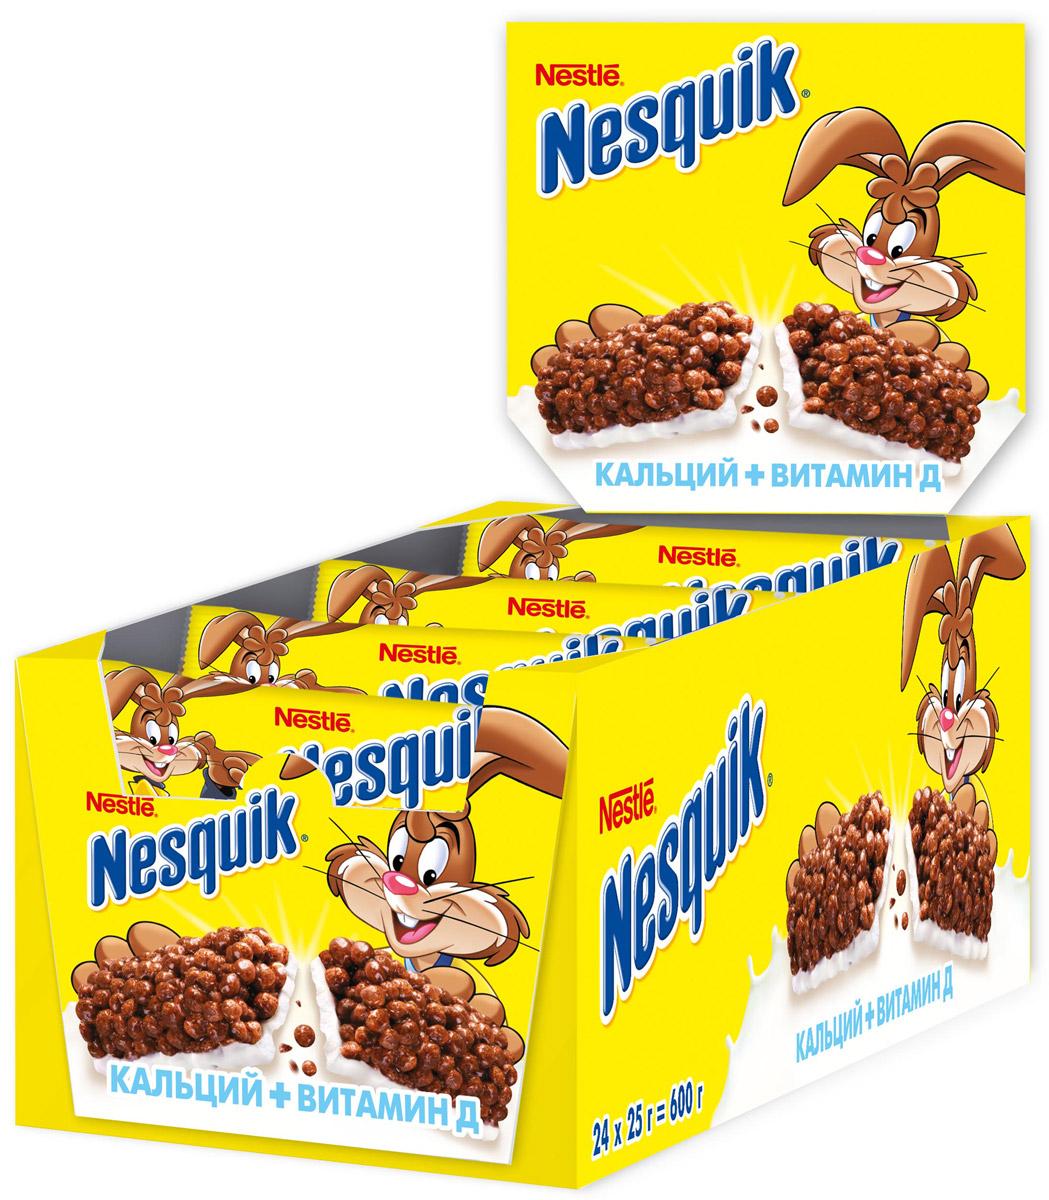 Шоколадный батончик Nestle Nesquik (Нестле Несквик) с цельными злаками - полезный и удобный перекус для вашего ребенка! Батончик Nesquik поможет ему подзарядиться энергией в школе и дома. Содержит цельные злаки и обогащены витаминами D, B2, B6, ниацином, фолиевой кислотой, пантотеновой кислотой, кальцием и железом. Сложные углеводы, содержащиеся в цельных злаках перевариваются медленнее и позволяют сохранять чувство сытости дольше. Продукт может содержать незначительно количество сои и орехов.